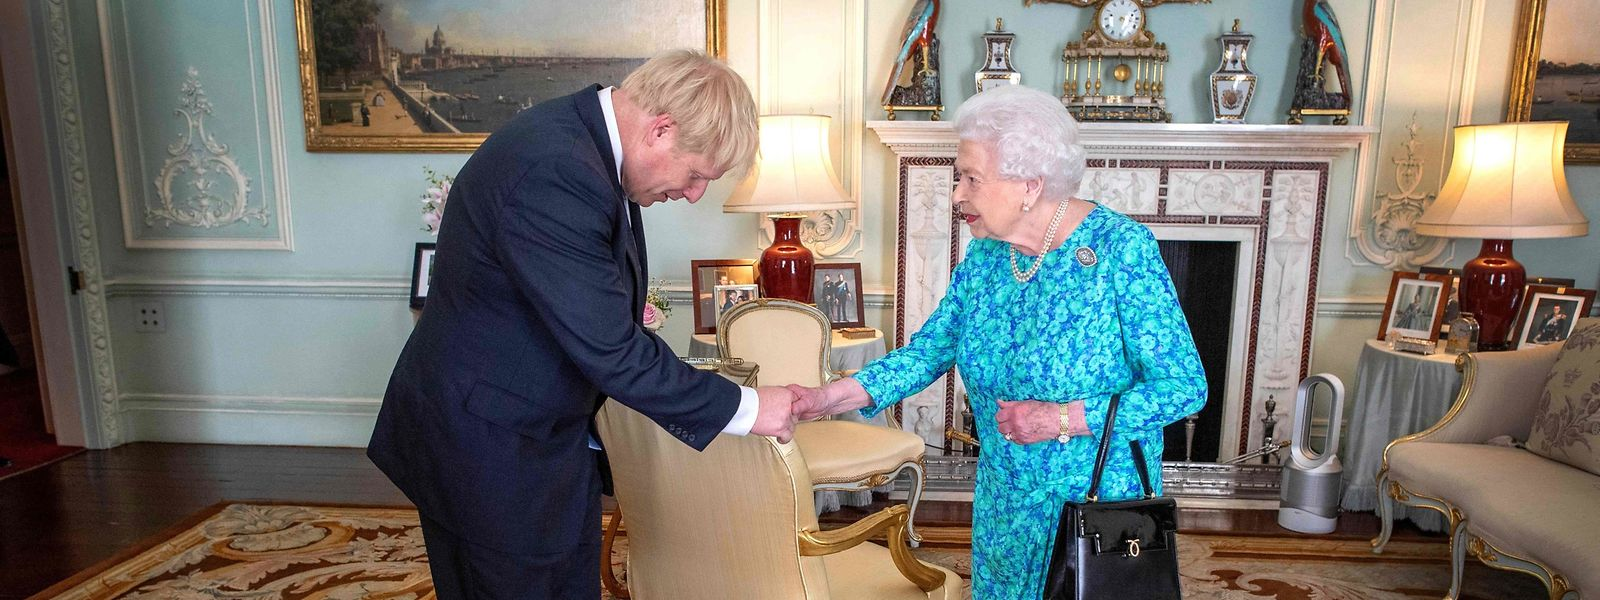 Au palais de Buckingham, Boris Johnson a accepté l'offre de sa majesté et lui a embrassé la main lors de son investiture comme Premier ministre.